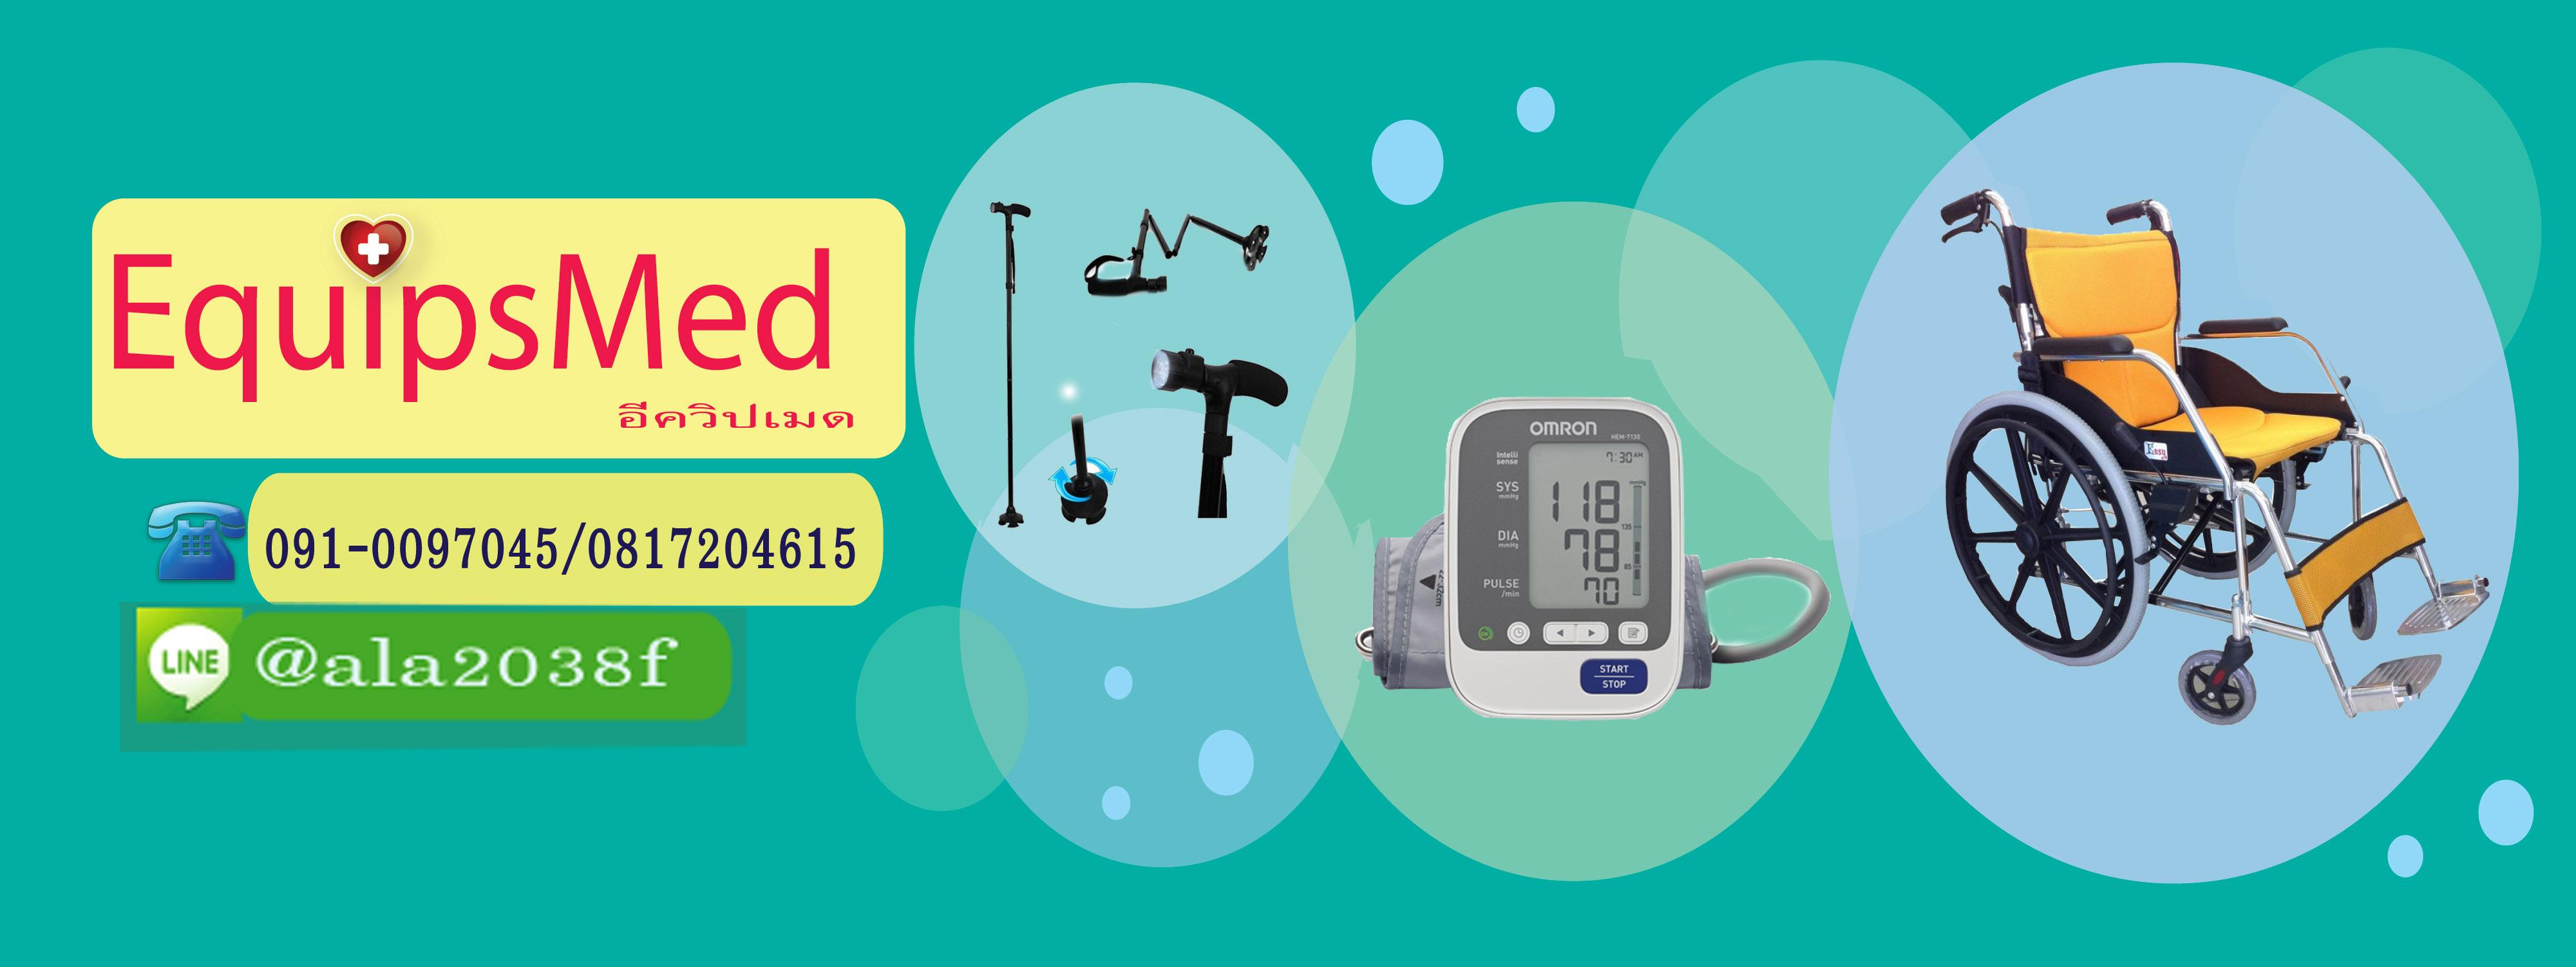 จำหน่ายผลิตภัณฑ์ด้านสุขภาพและอุปกรณ์สำหรับผู้สูงอายุและผู้ป่วยbyEquipsMed